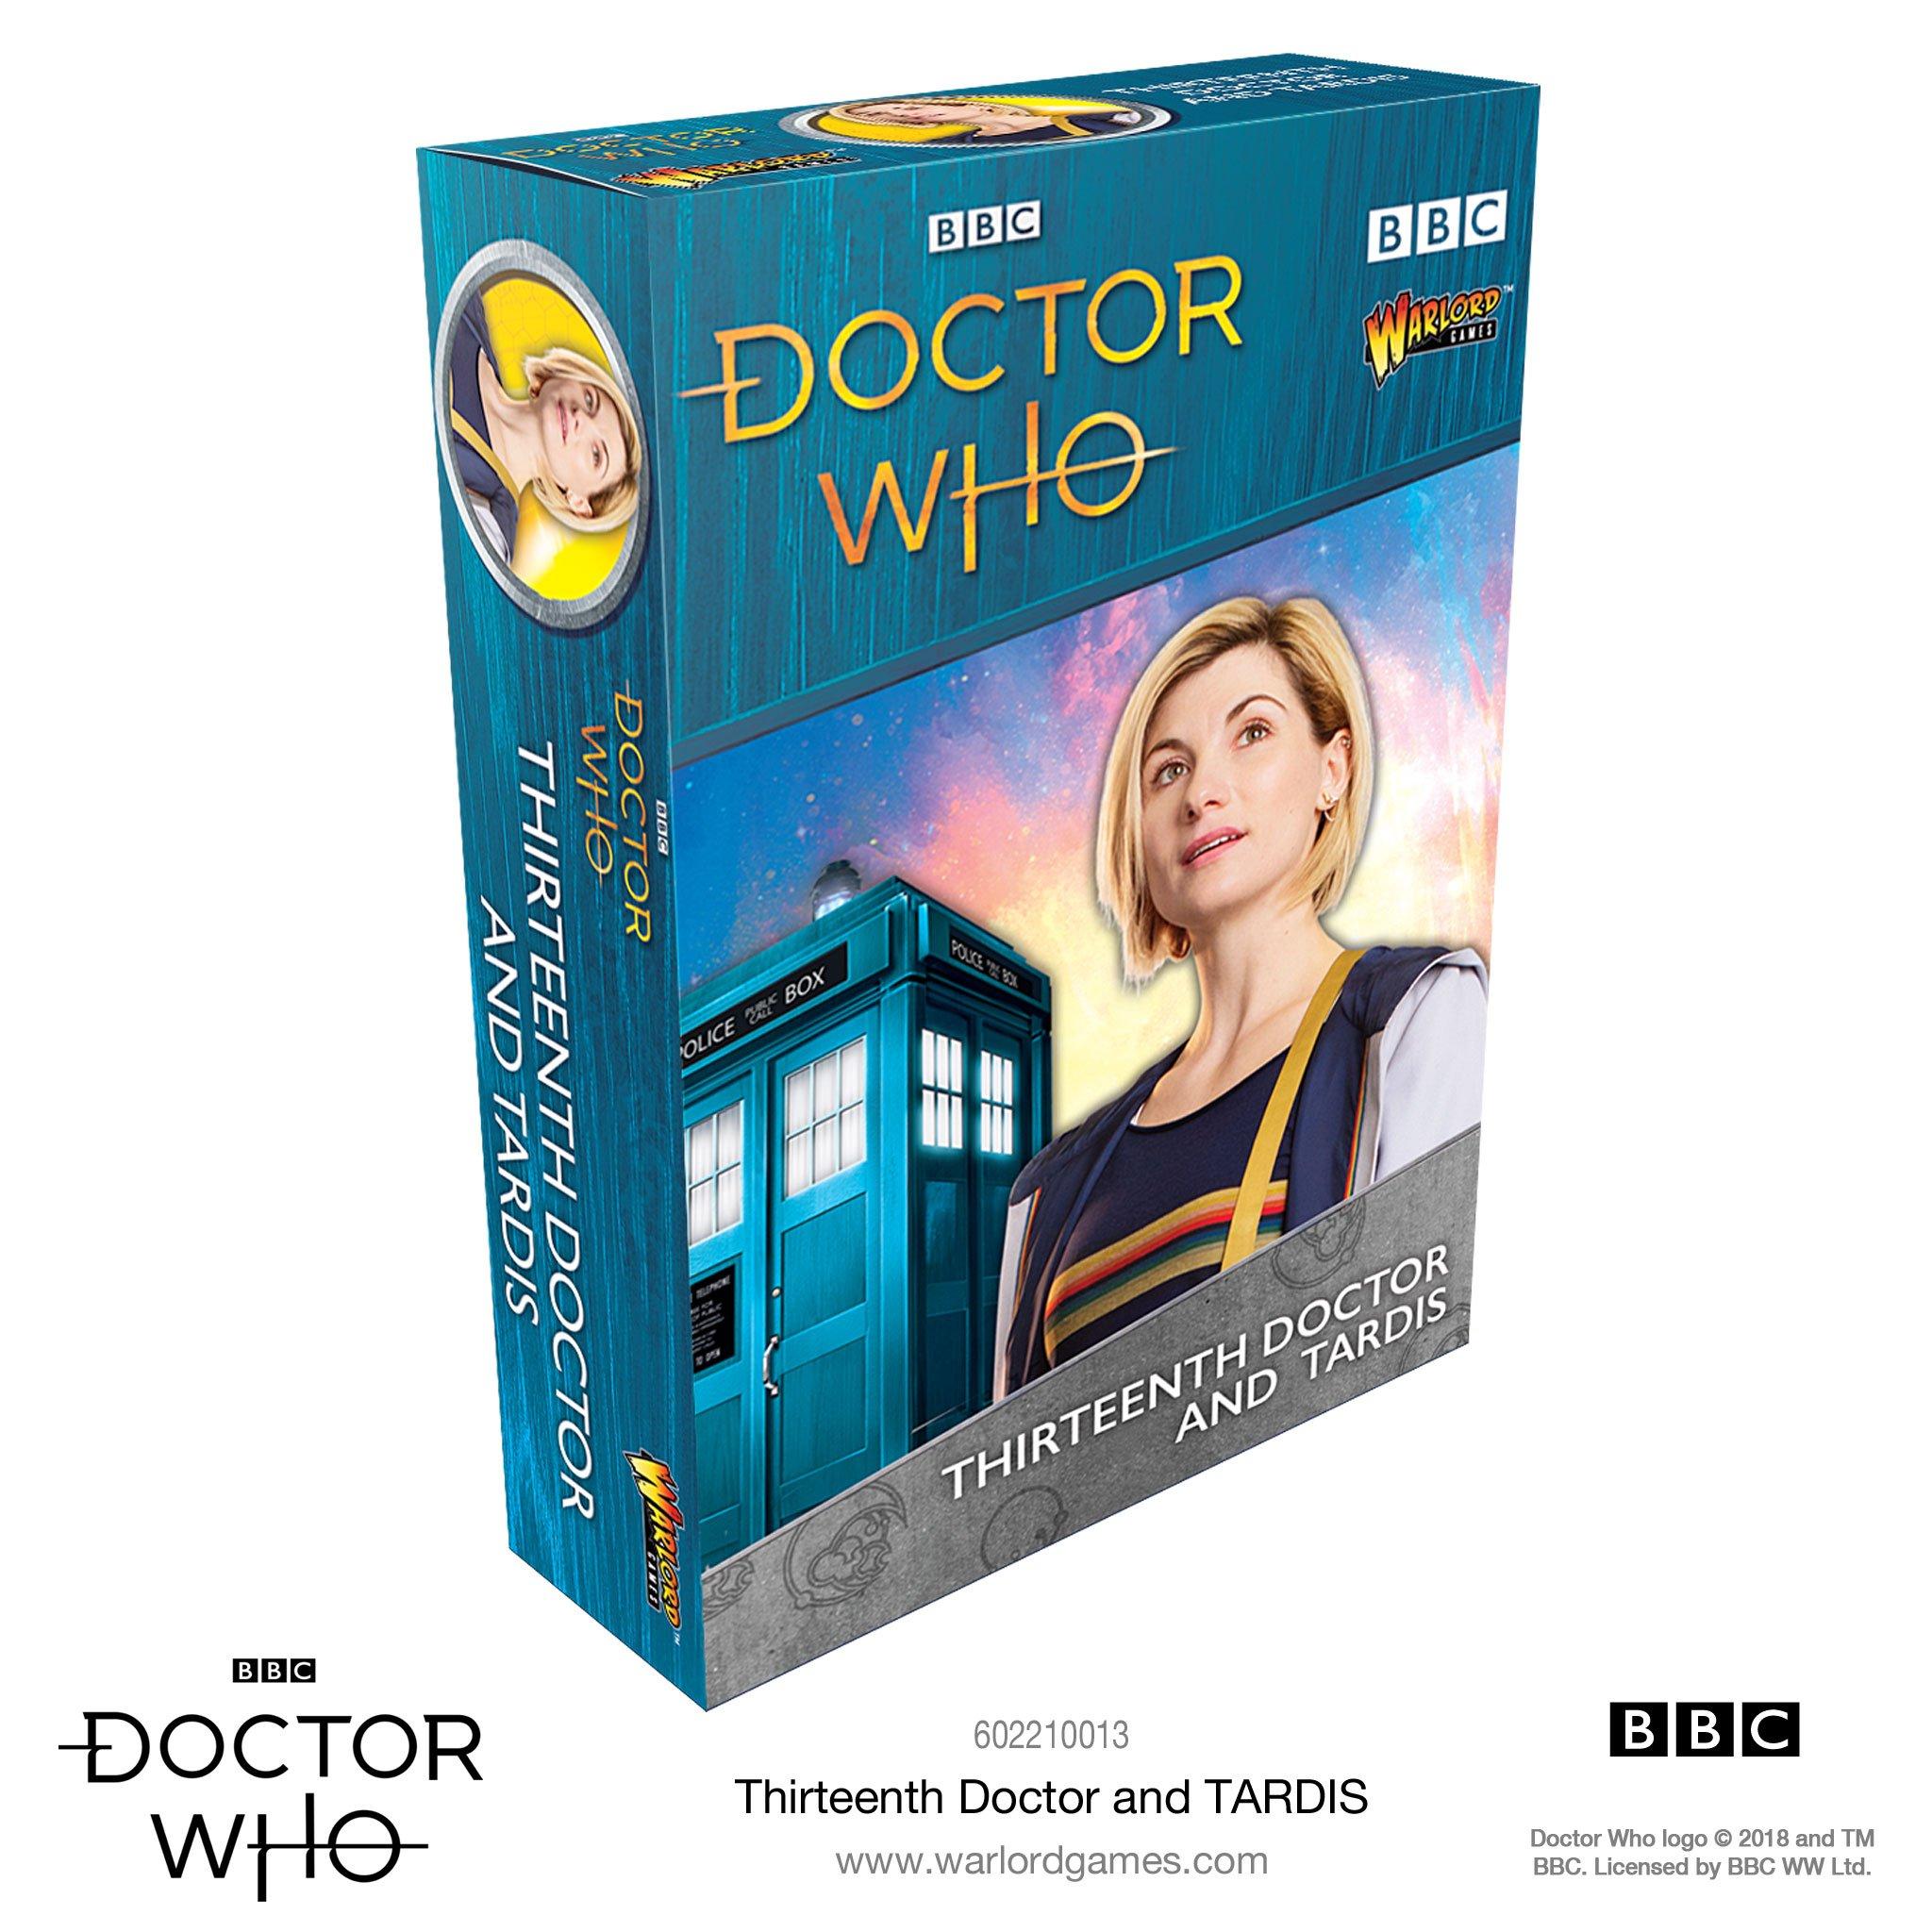 Thirteenth Doctor & Tardis